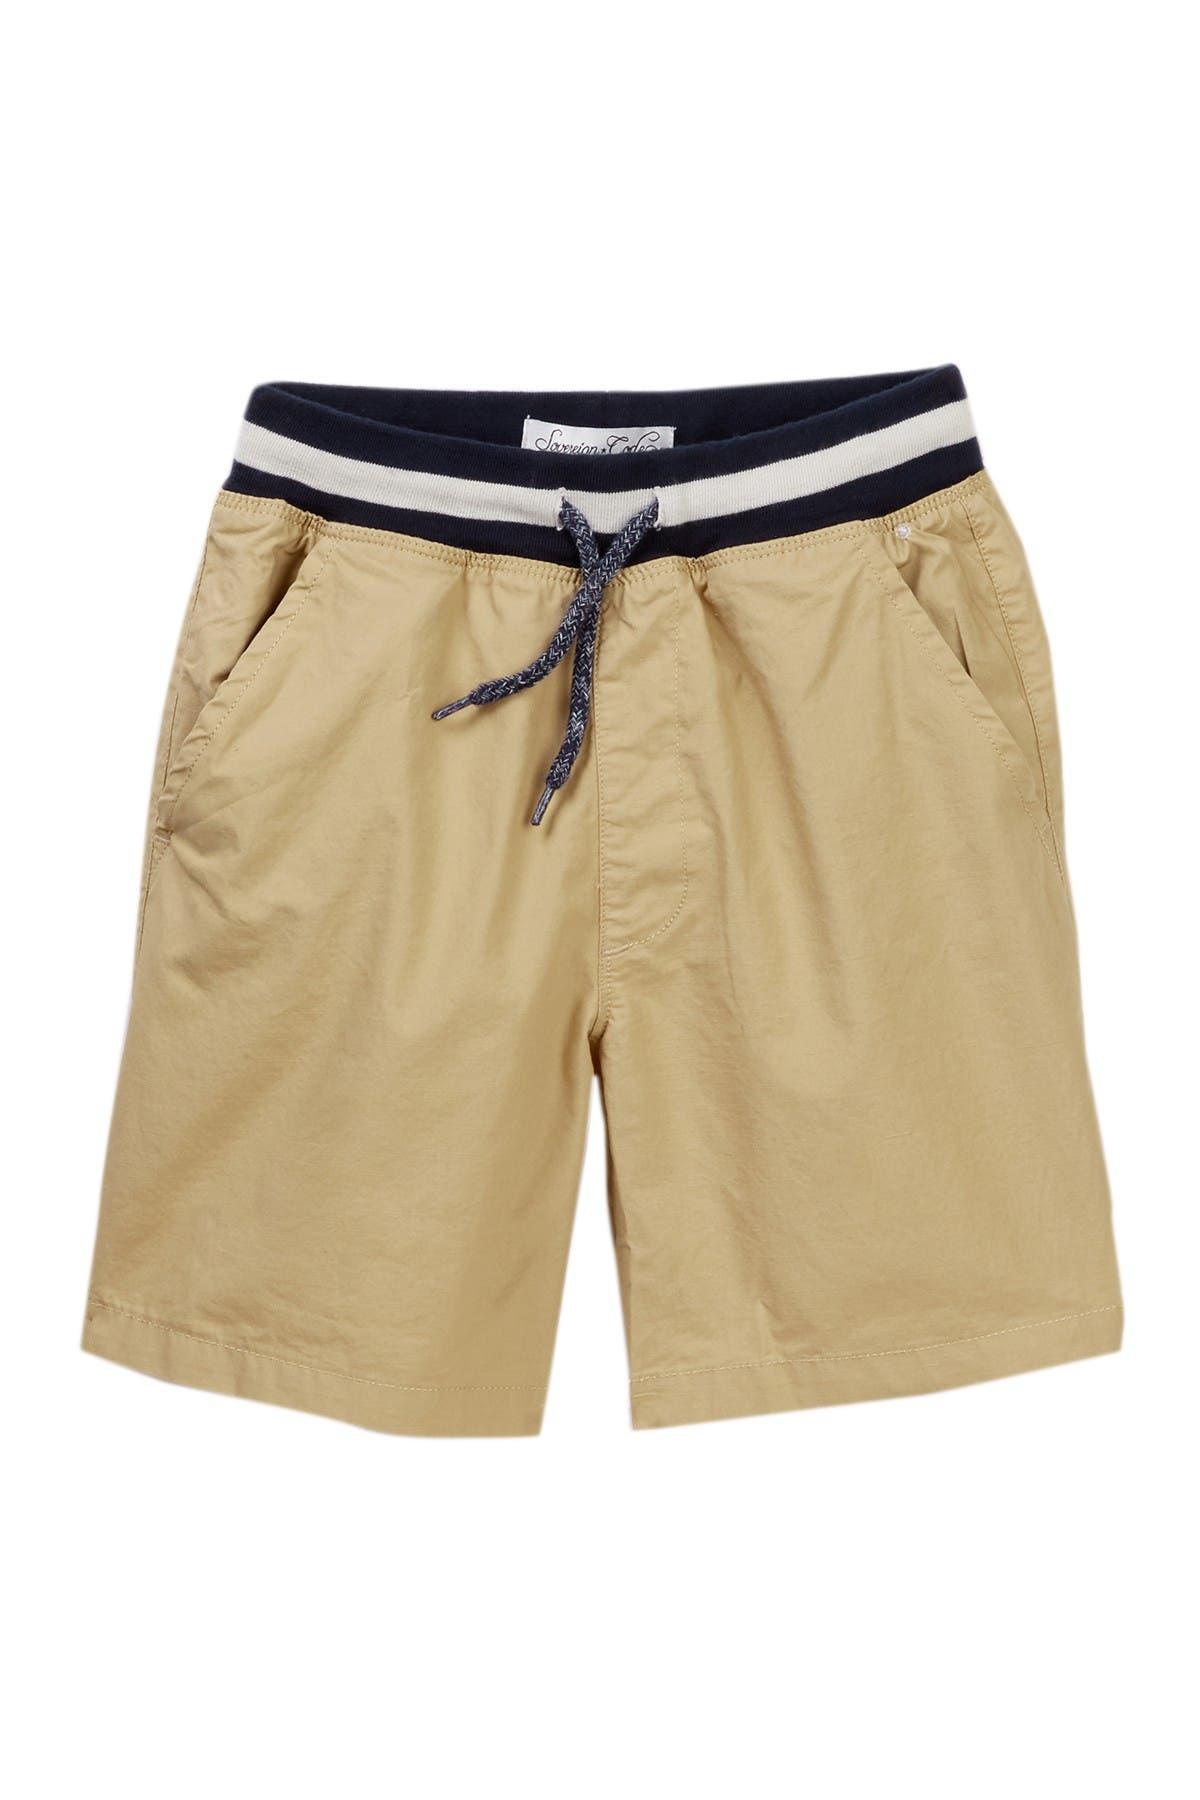 Image of Sovereign Code Gavinn Shorts